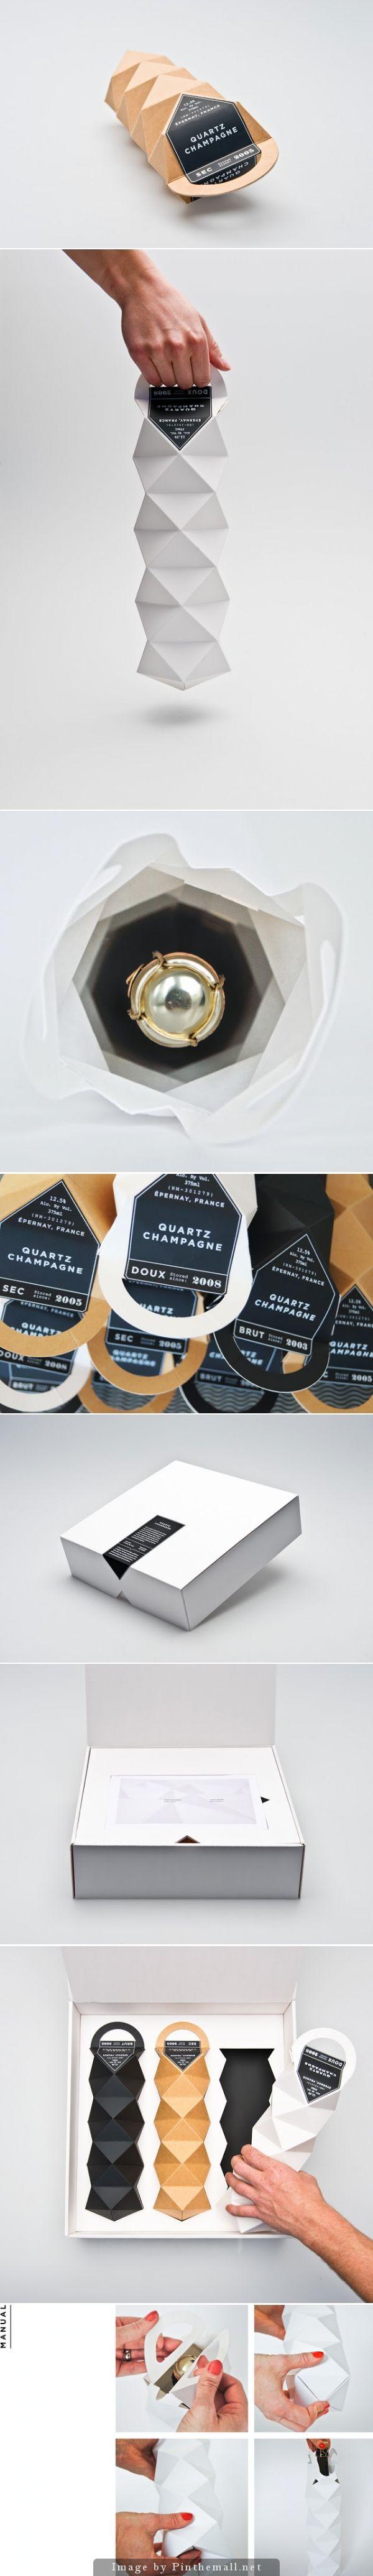 Quartz Champagne (Student Project), Designers: Max Molitor & Cajza Nyden - http://www.packagingoftheworld.com/2014/09/quartz-champagne-student-project.html